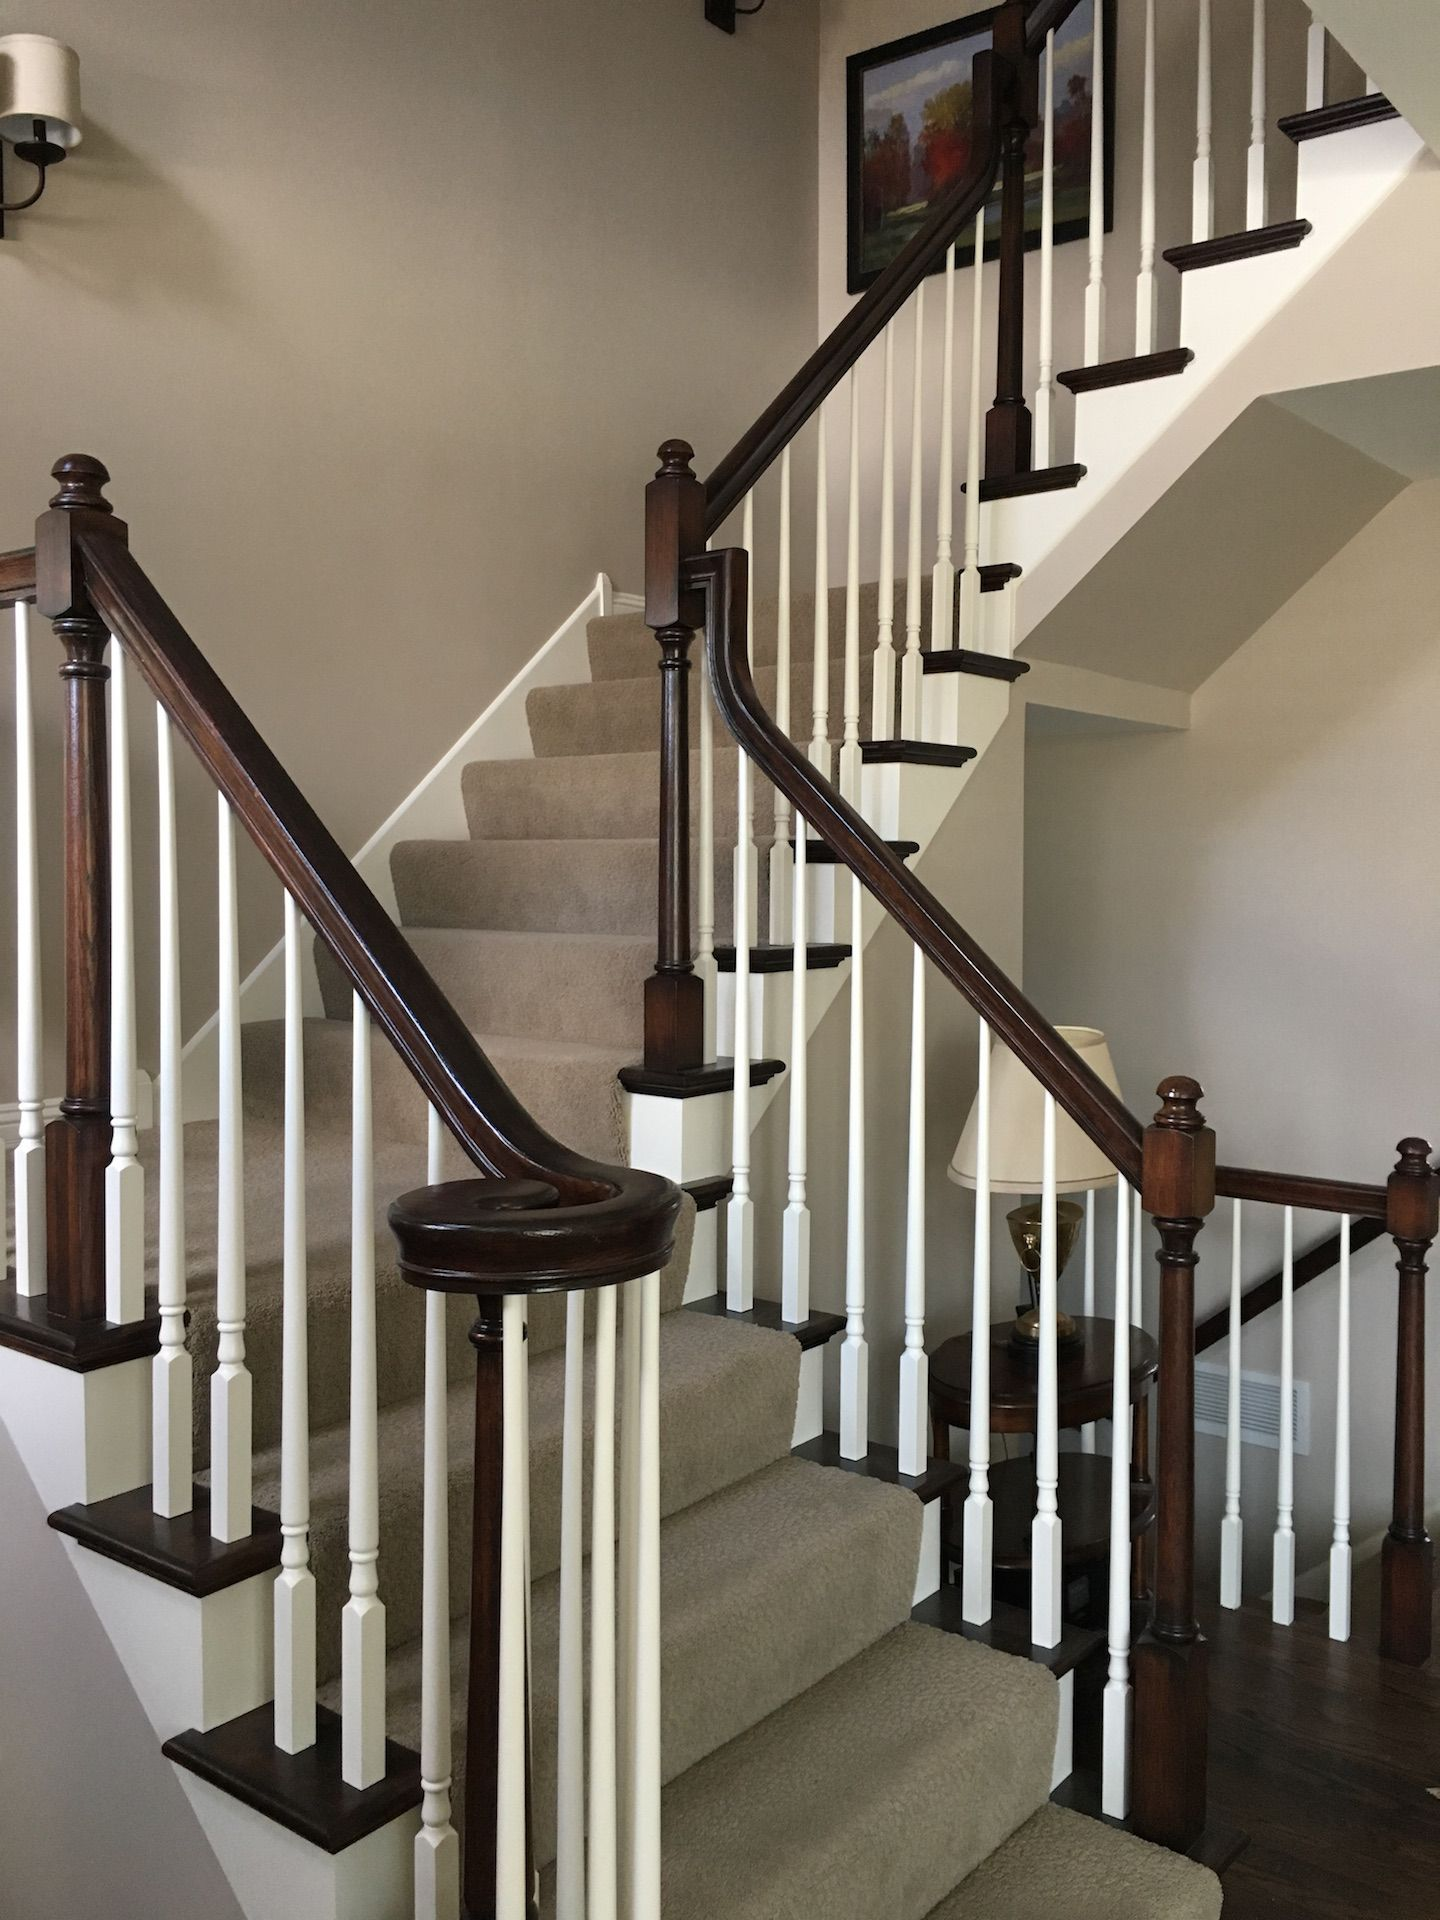 Dark railing, white spindles, dark treads, stairs, open ...